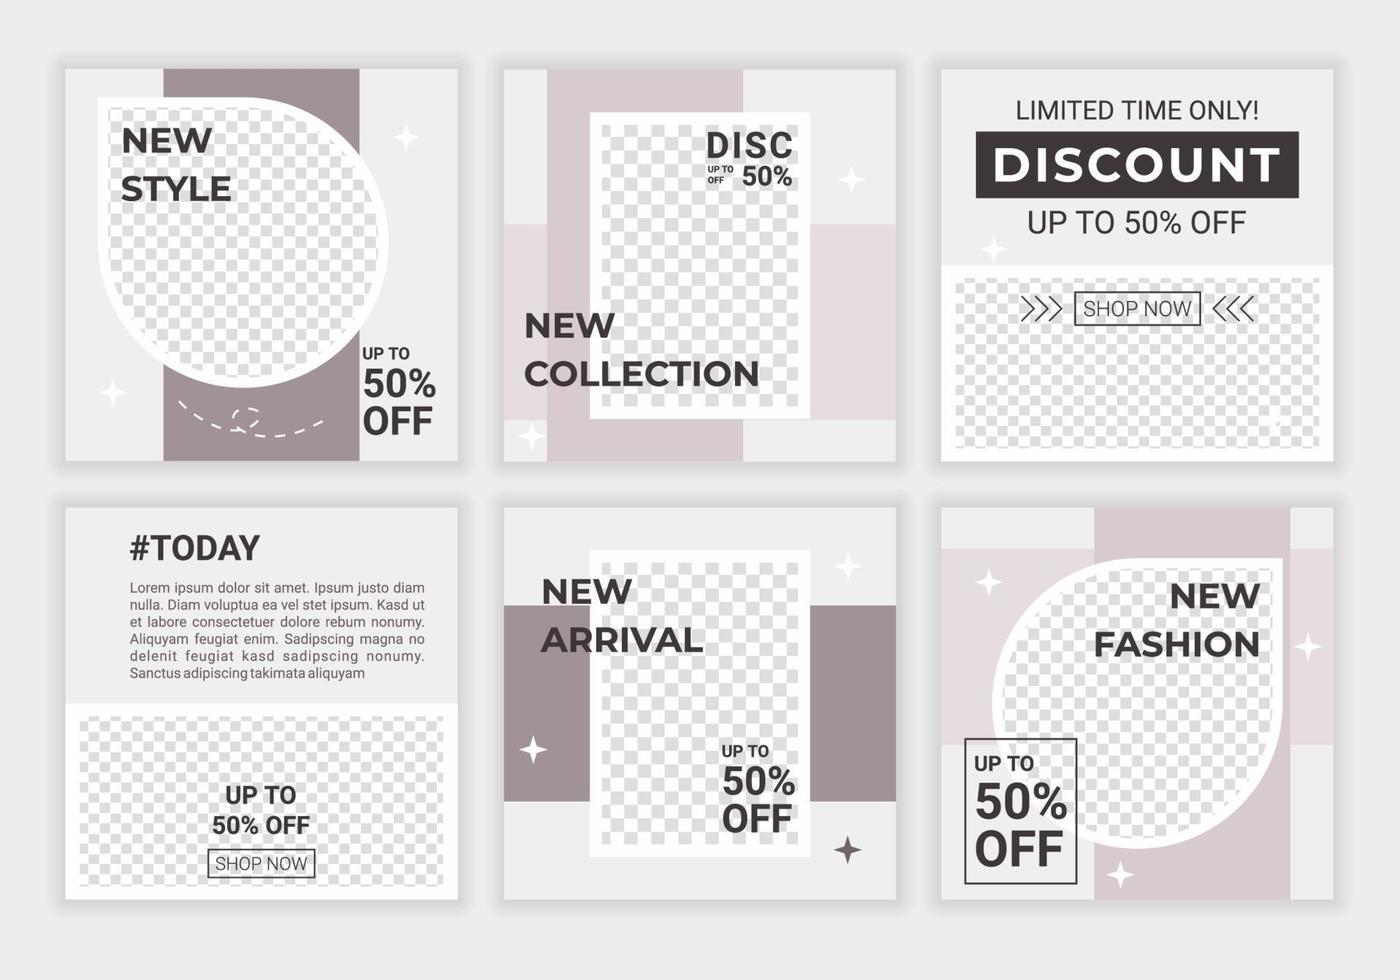 pastellfärgade sociala medier postar mallar med plats för foto i minimal stil med ljusgrå för mobilappar, webbbanners. marknadsföringsmall med modern stildesign. vektor illustration